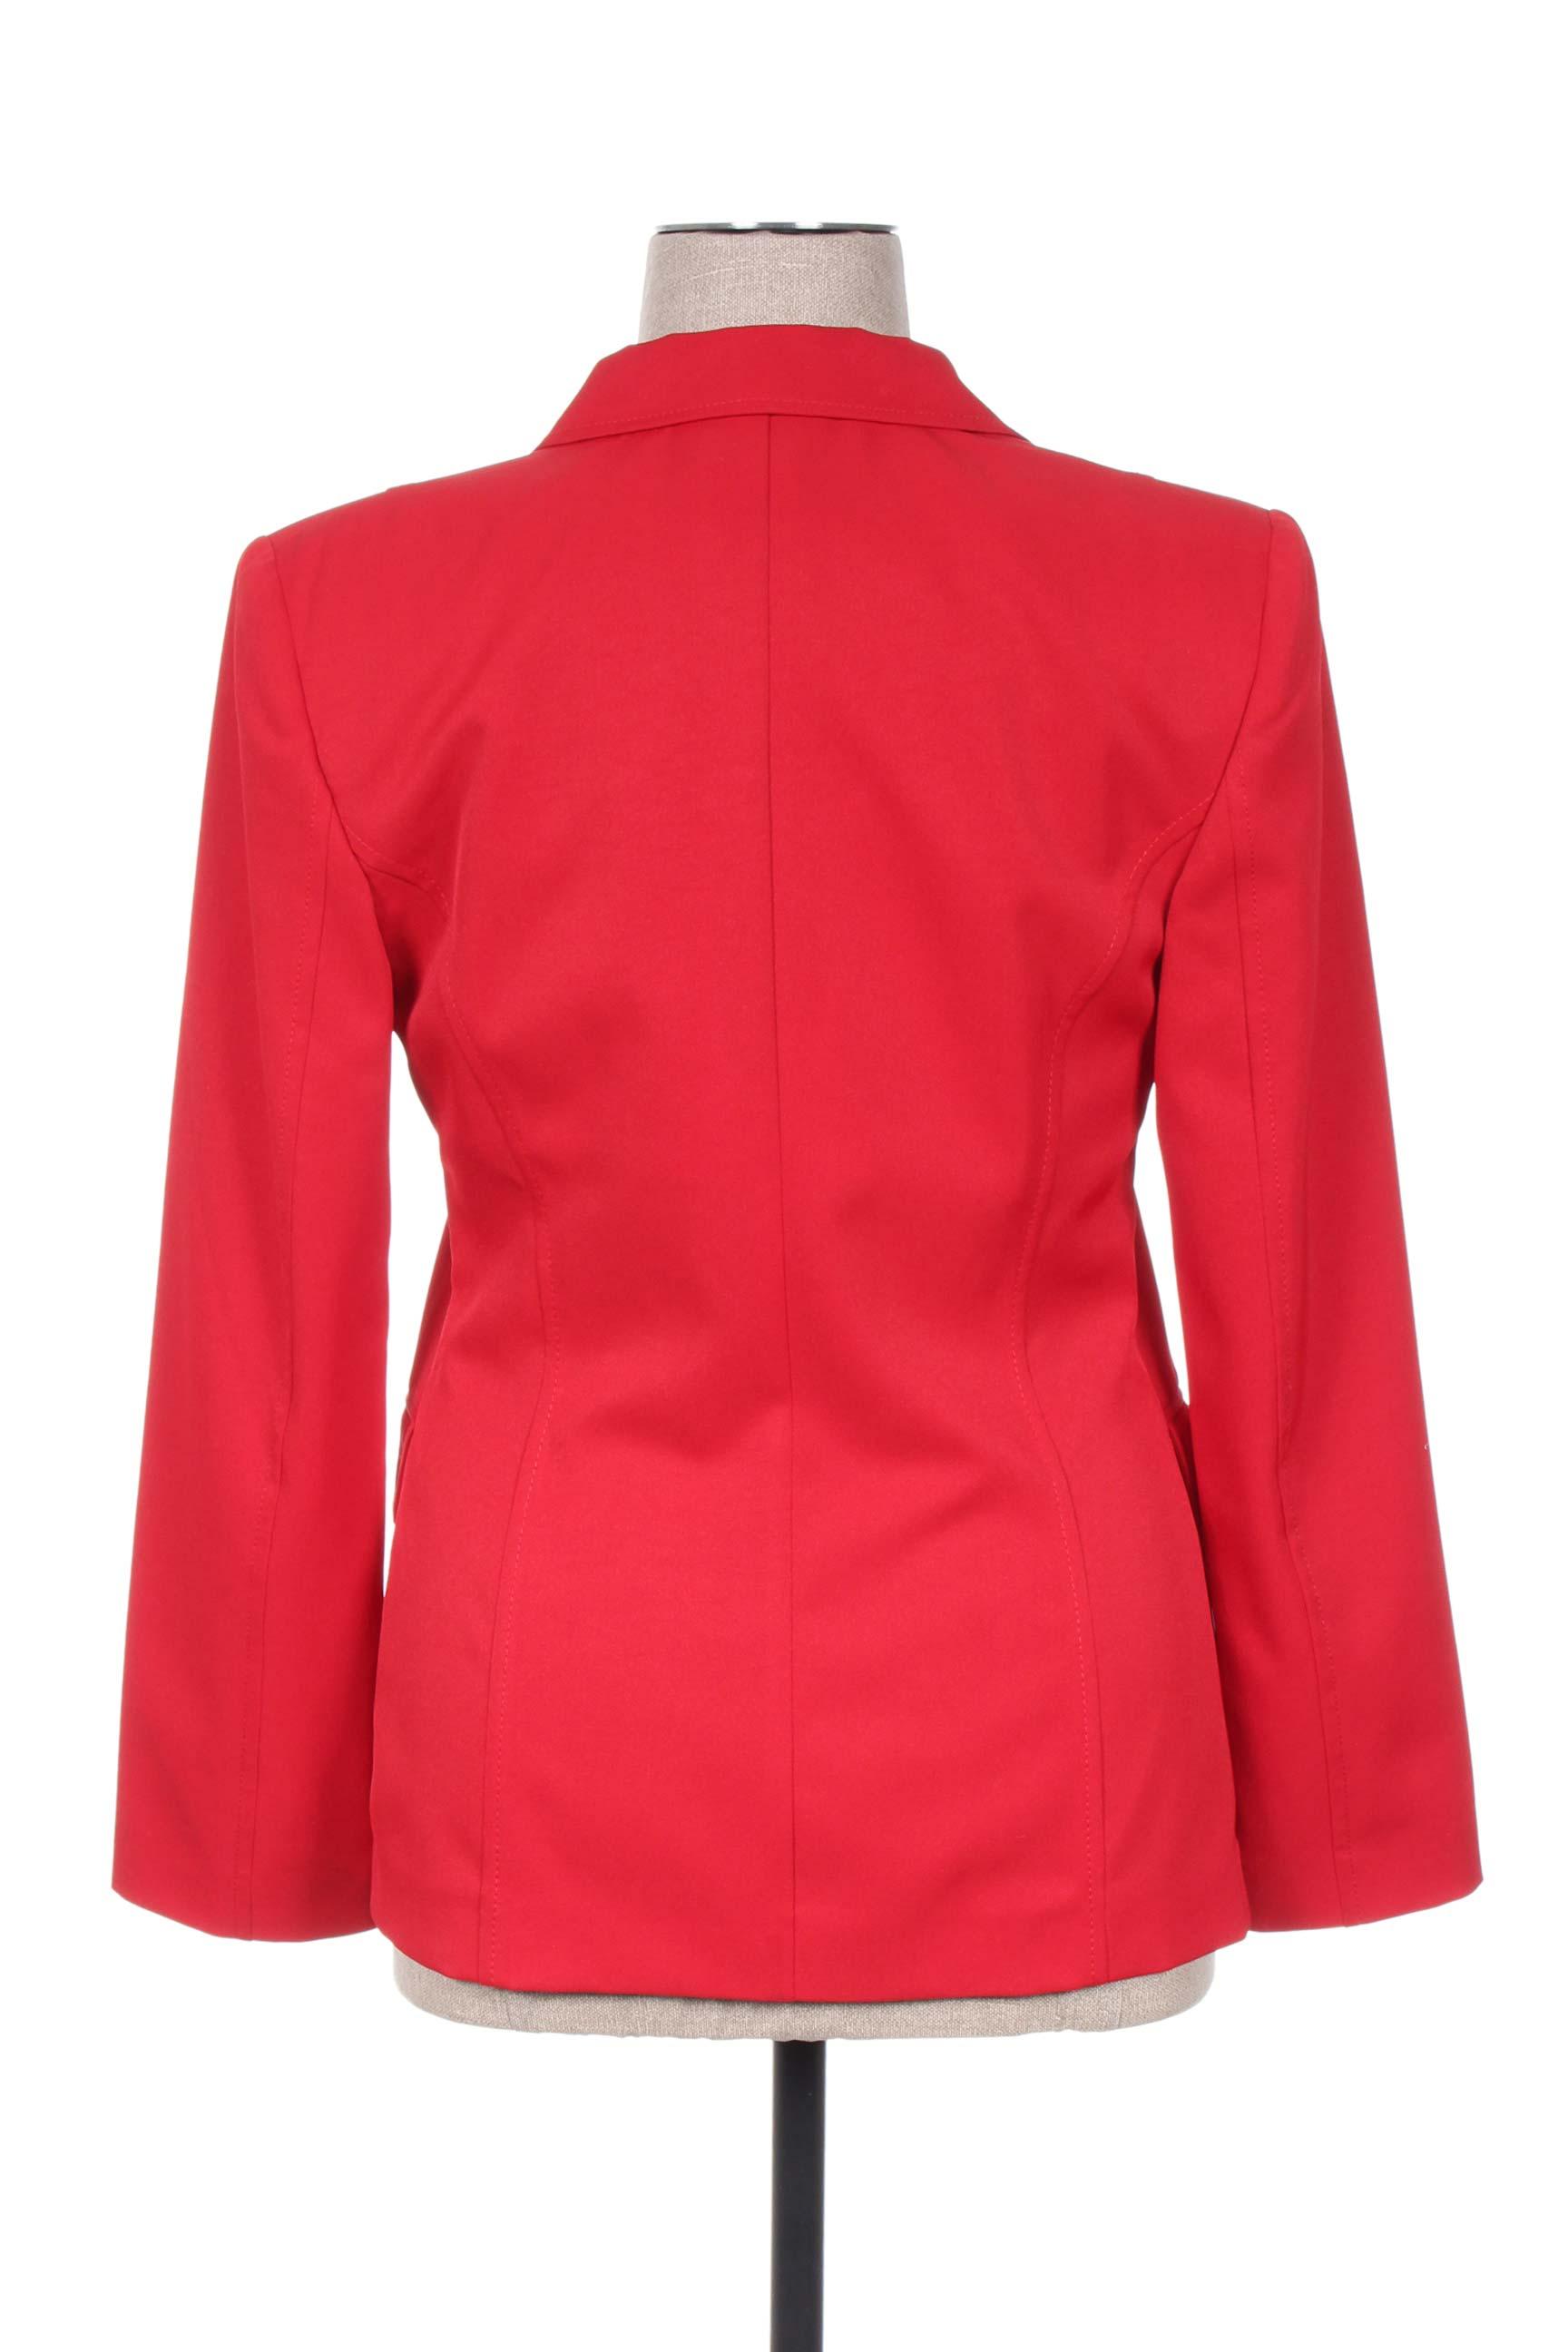 Mariella Rosati Vestecasual Femme De Couleur Rouge En Soldes Pas Cher 1124875-rouge0